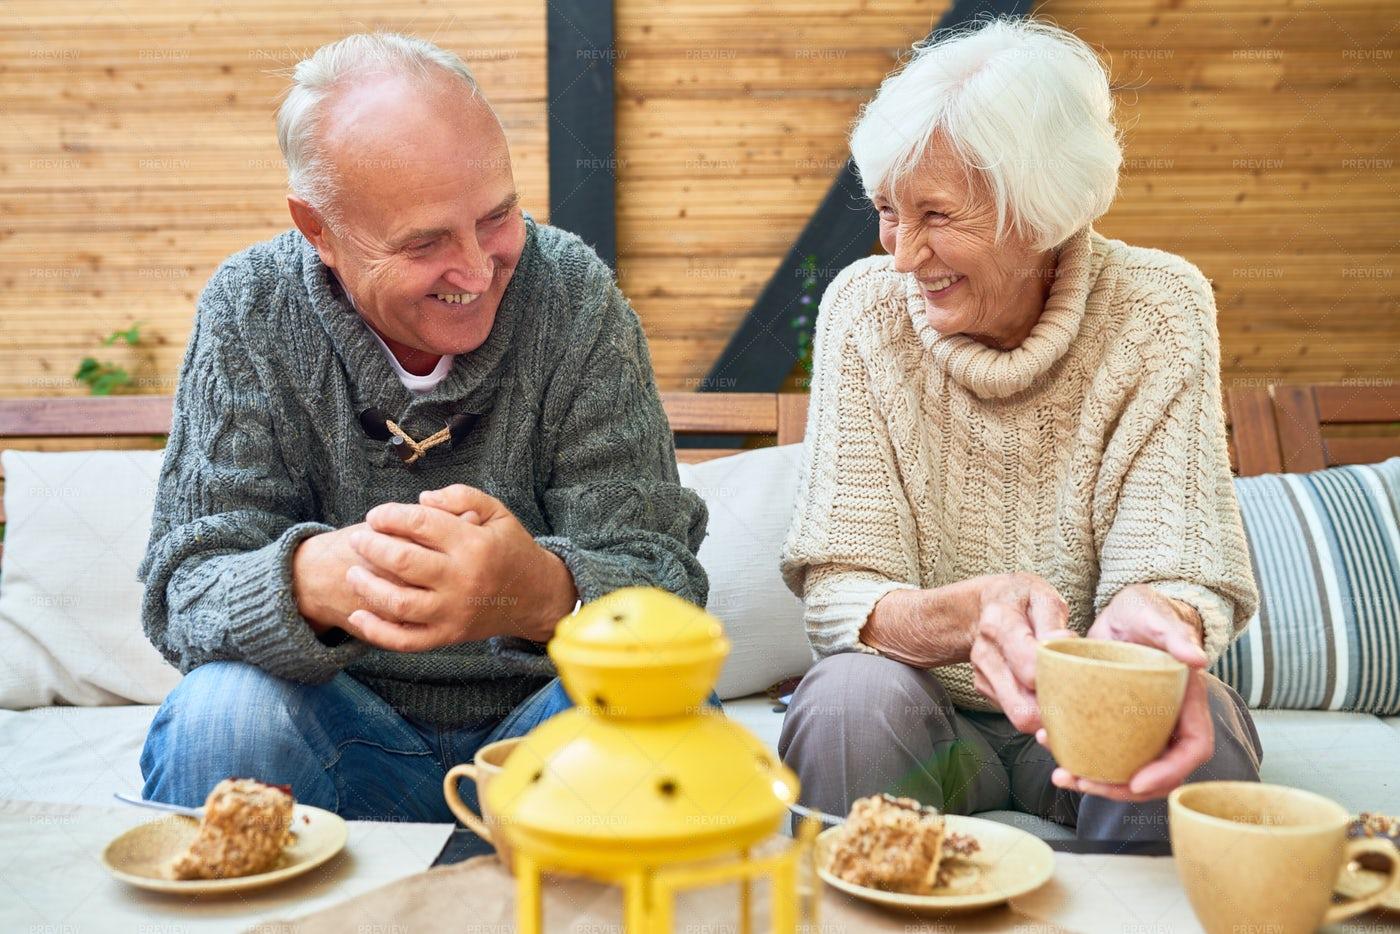 Happy Senior Couple In Retirement: Stock Photos